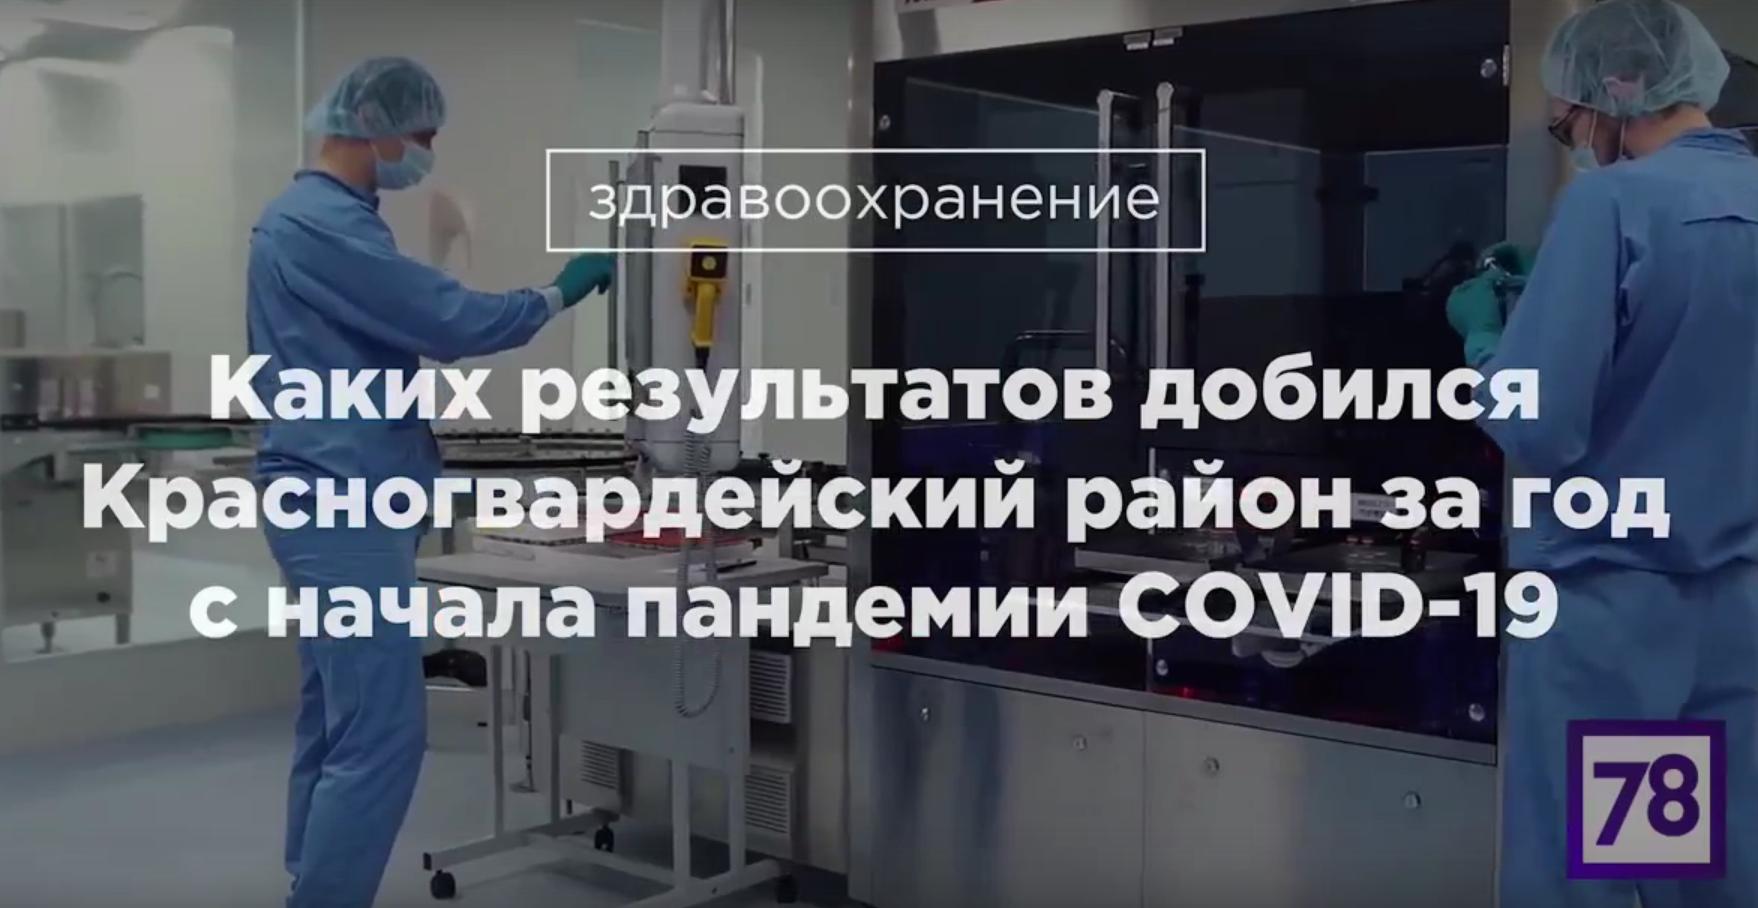 Фильм о медиках Красногвардейского района в пандемию COVID-19